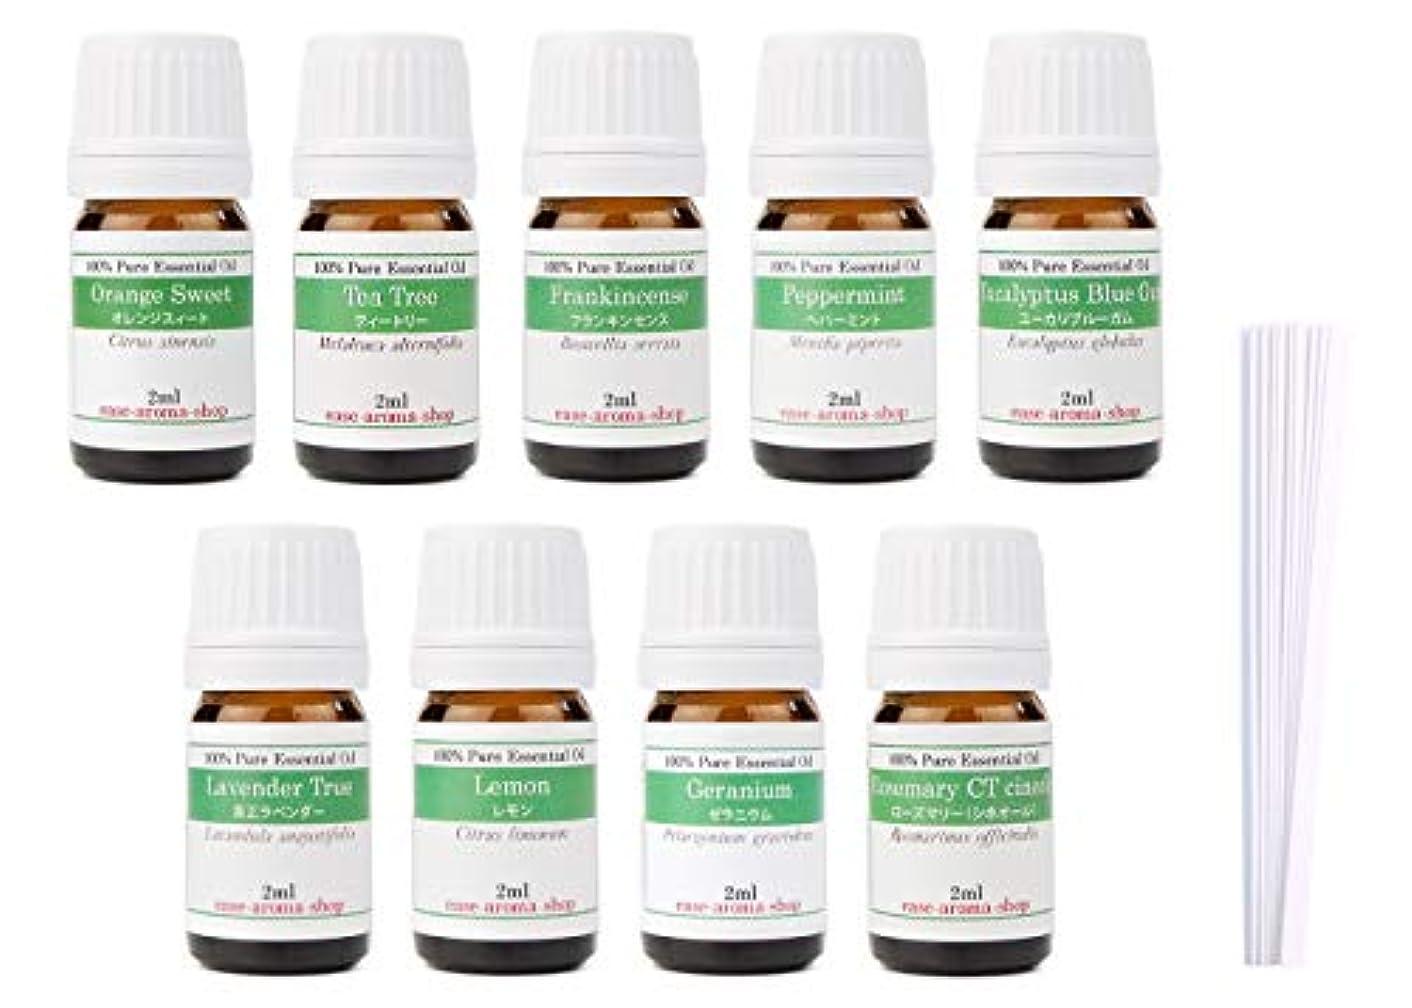 サリー。いつか【2019年改訂版】ease AEAJアロマテラピー検定香りテスト対象精油セット 揃えておきたい基本の精油 2級 9本セット各2ml